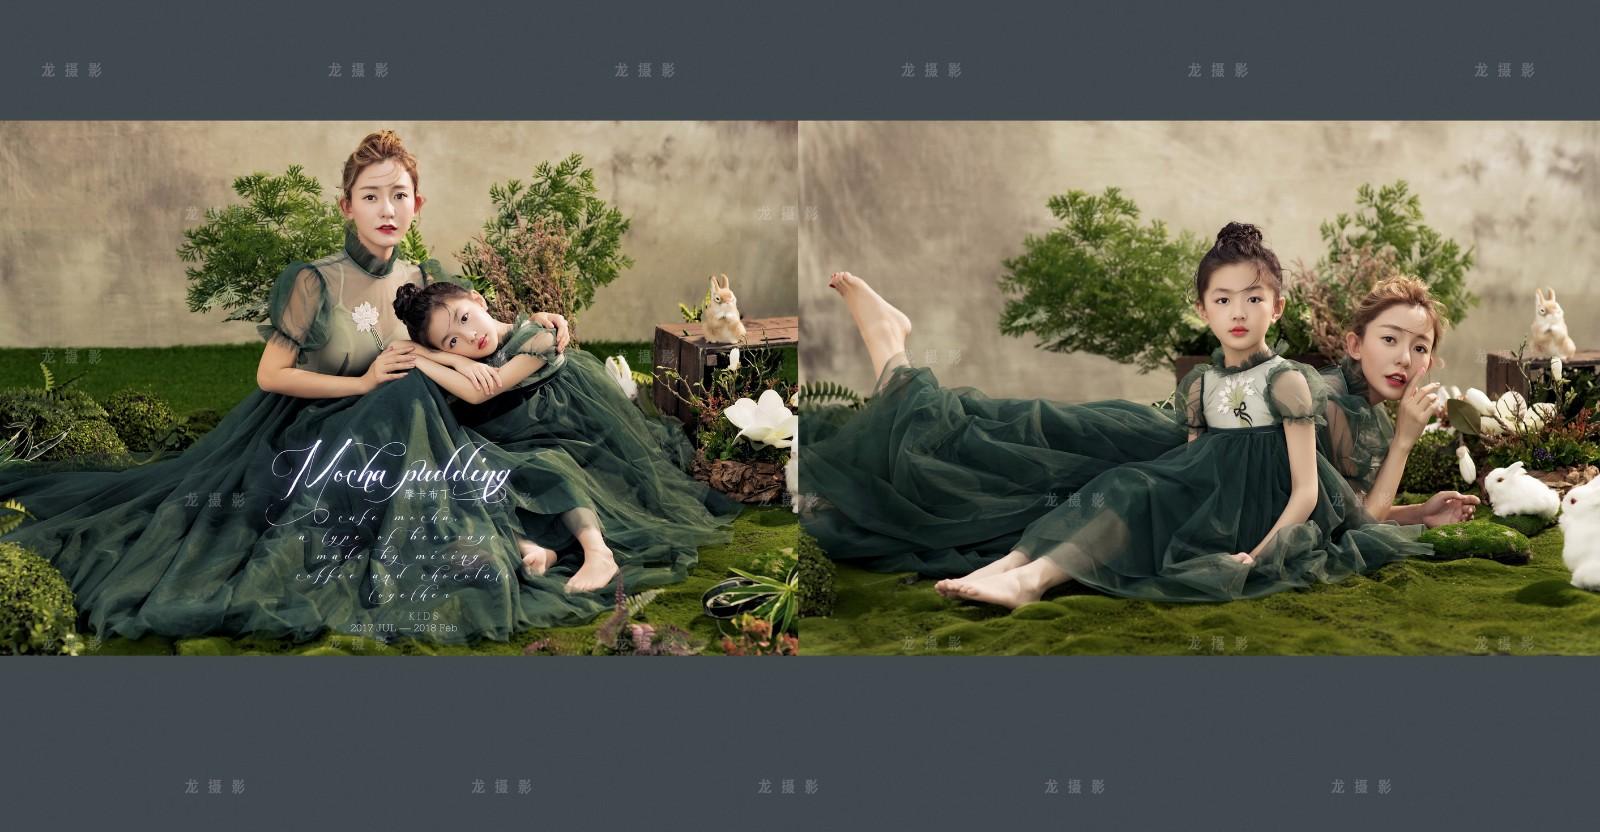 秘密花园 样片展示-朝阳尊爵龙摄影有限公司